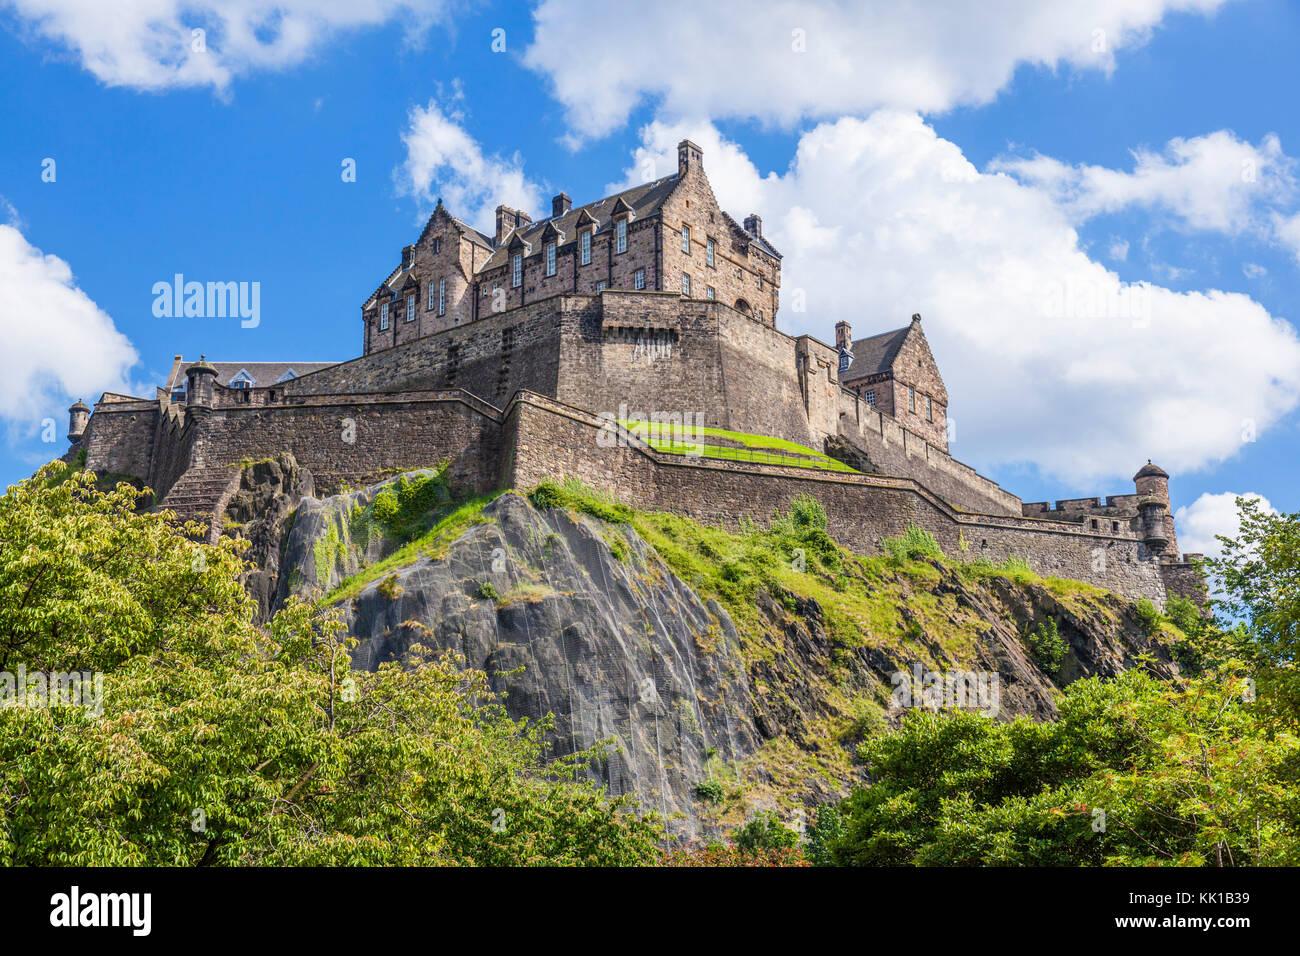 Il Castello di Edimburgo in Scozia castello di Edimburgo Castello scozzese di Edimburgo Città Vecchia Edimburgo Immagini Stock